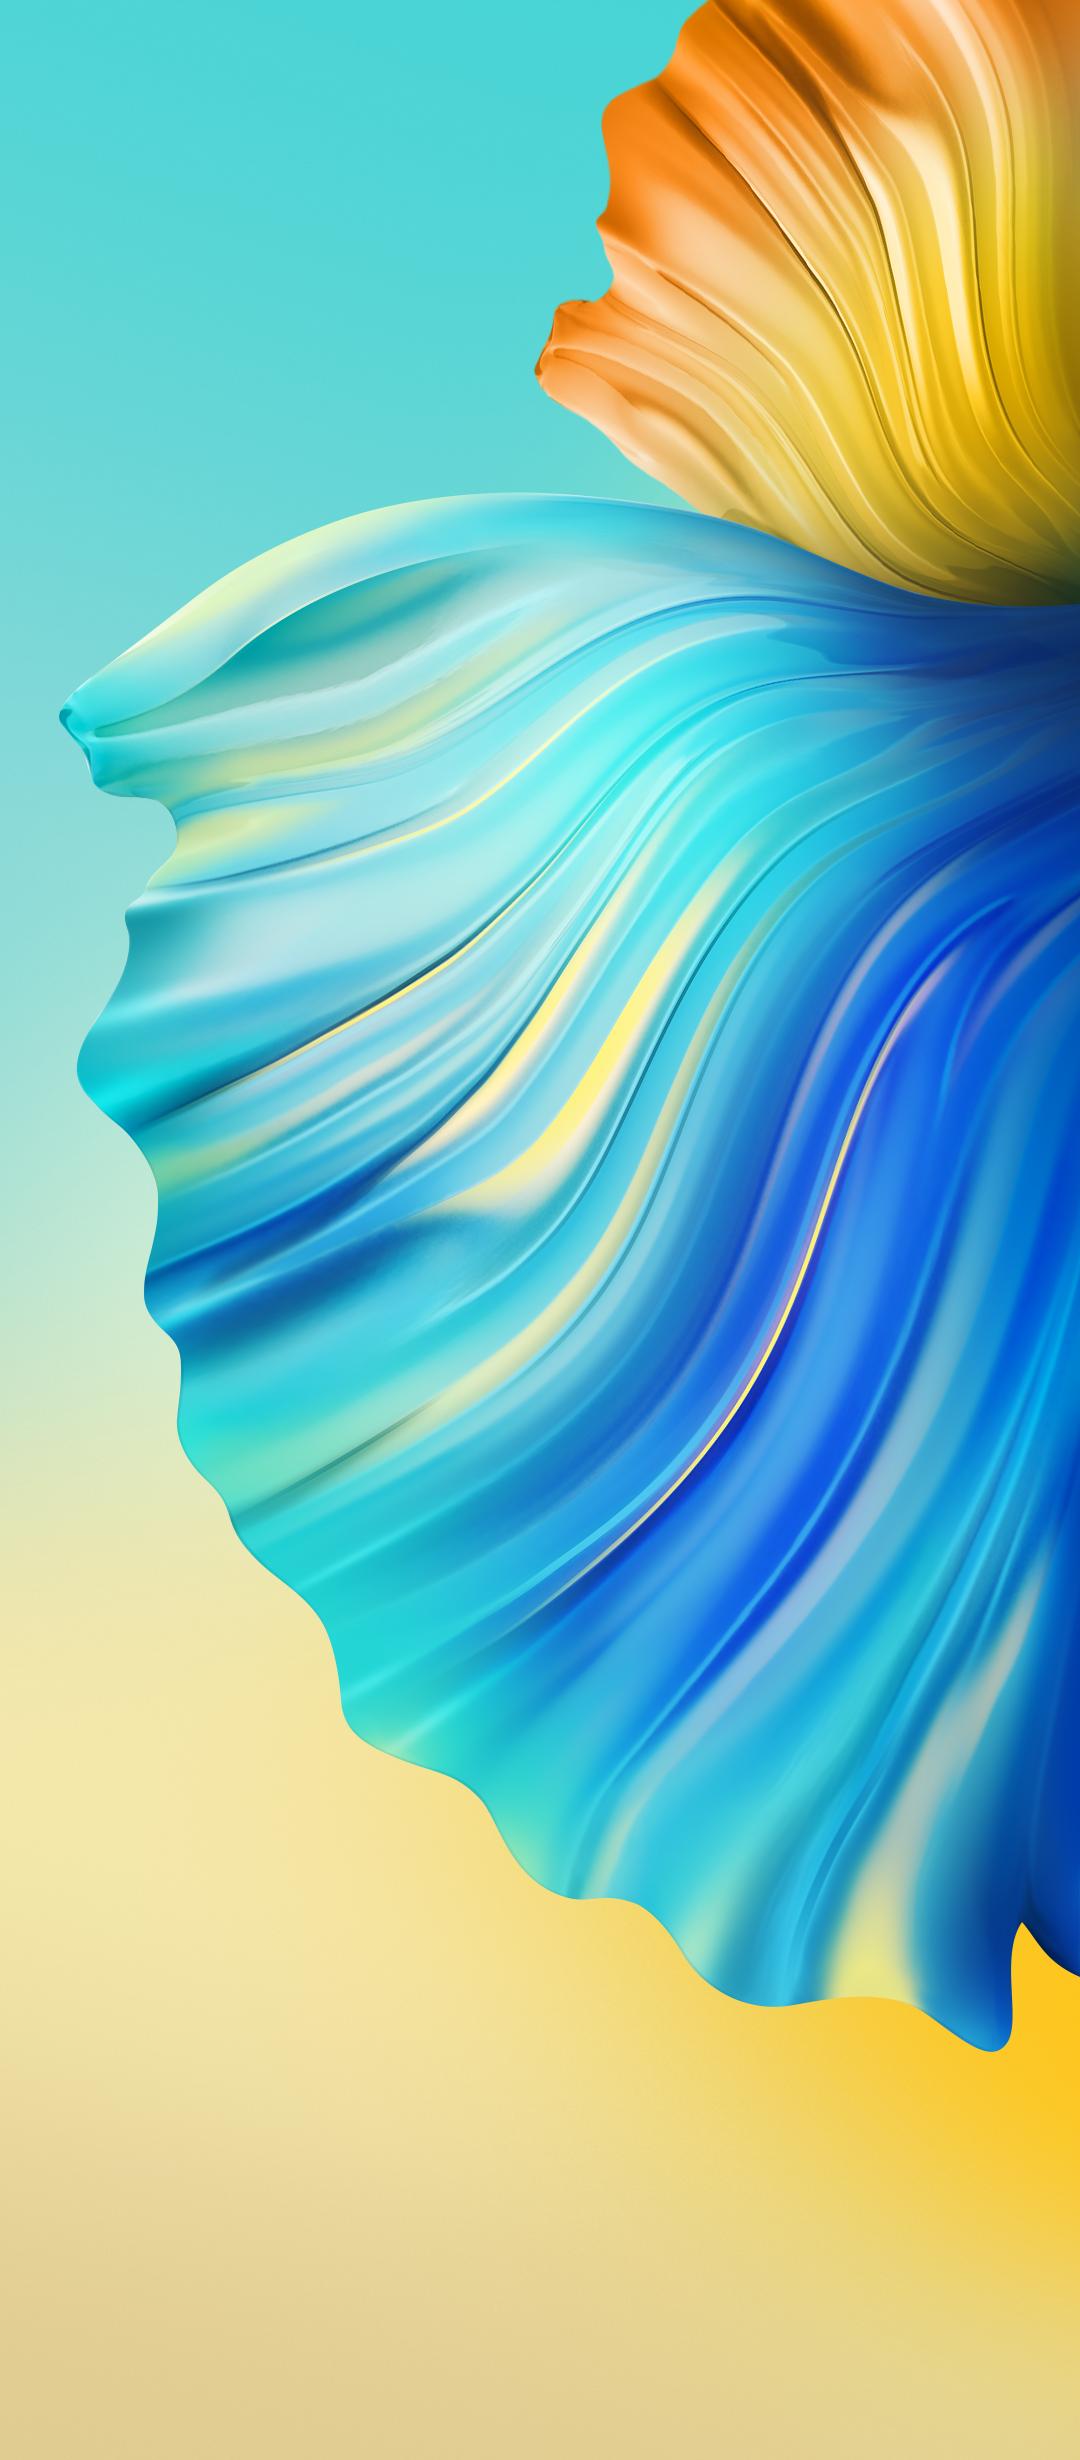 خلفيات Tecno Camon 16 الاصلية خلفيات جوال جميلة Phone Wallpaper Images Abstract Iphone Wallpaper S5 Wallpaper